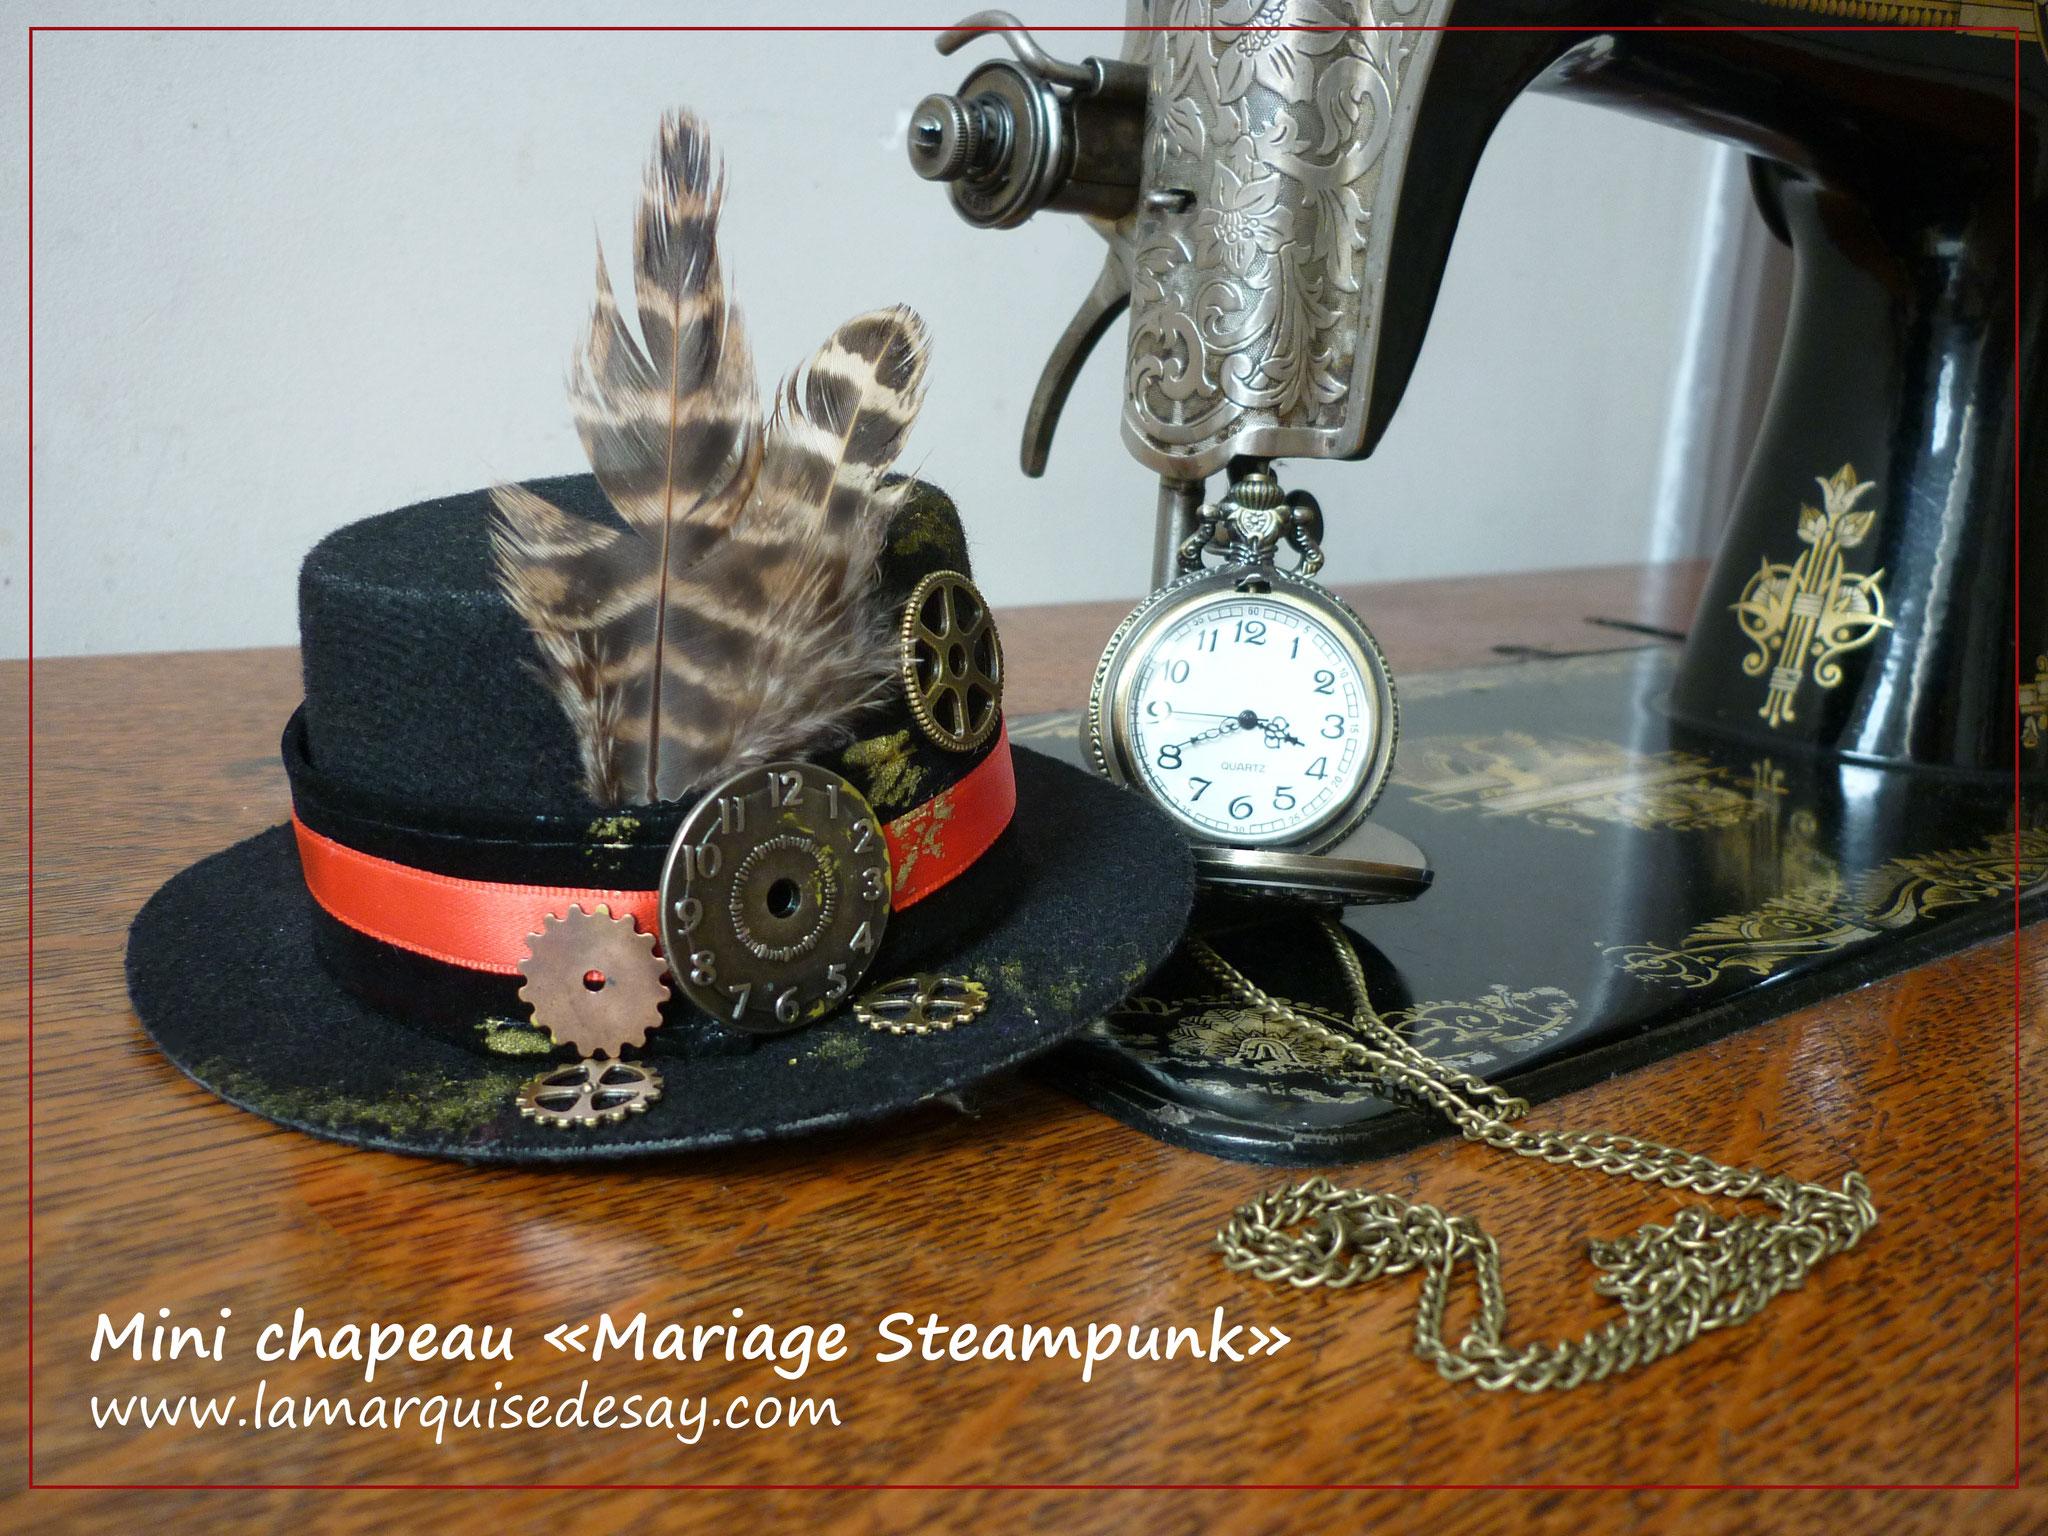 Mini chapeau Mariage Steampunk - Feutre noir moulé - Demande sur-mesure